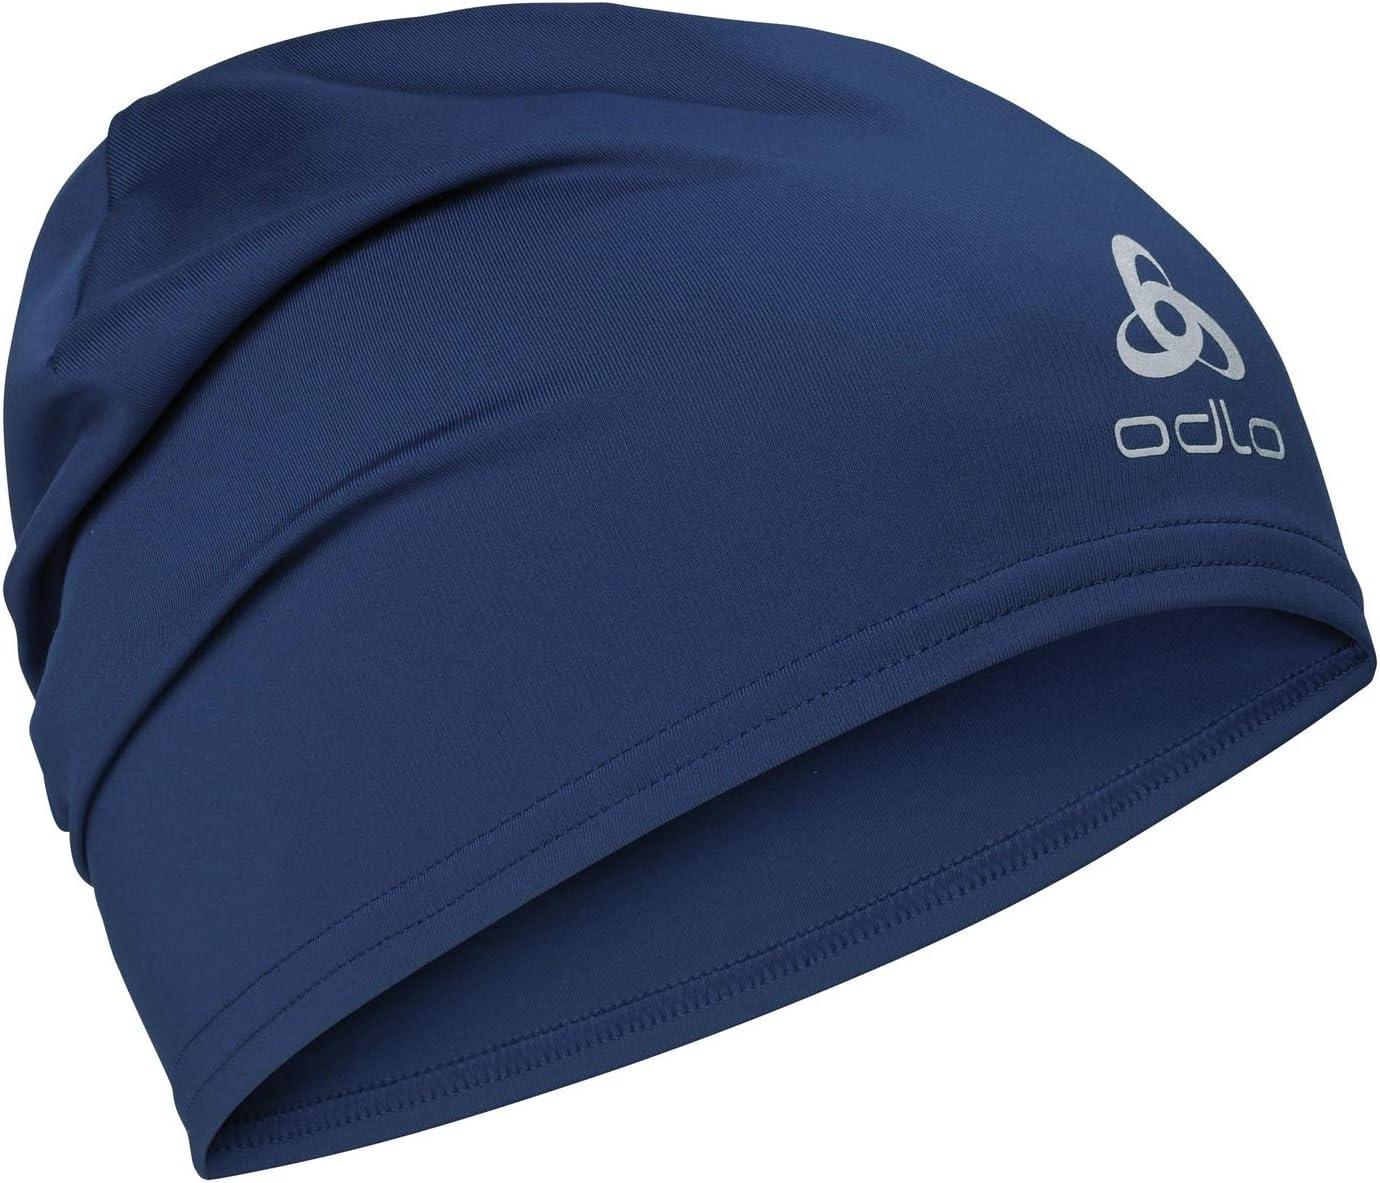 Beanie blau Funktionsmütze Odlo CERAMIWARM Reversible Mütze